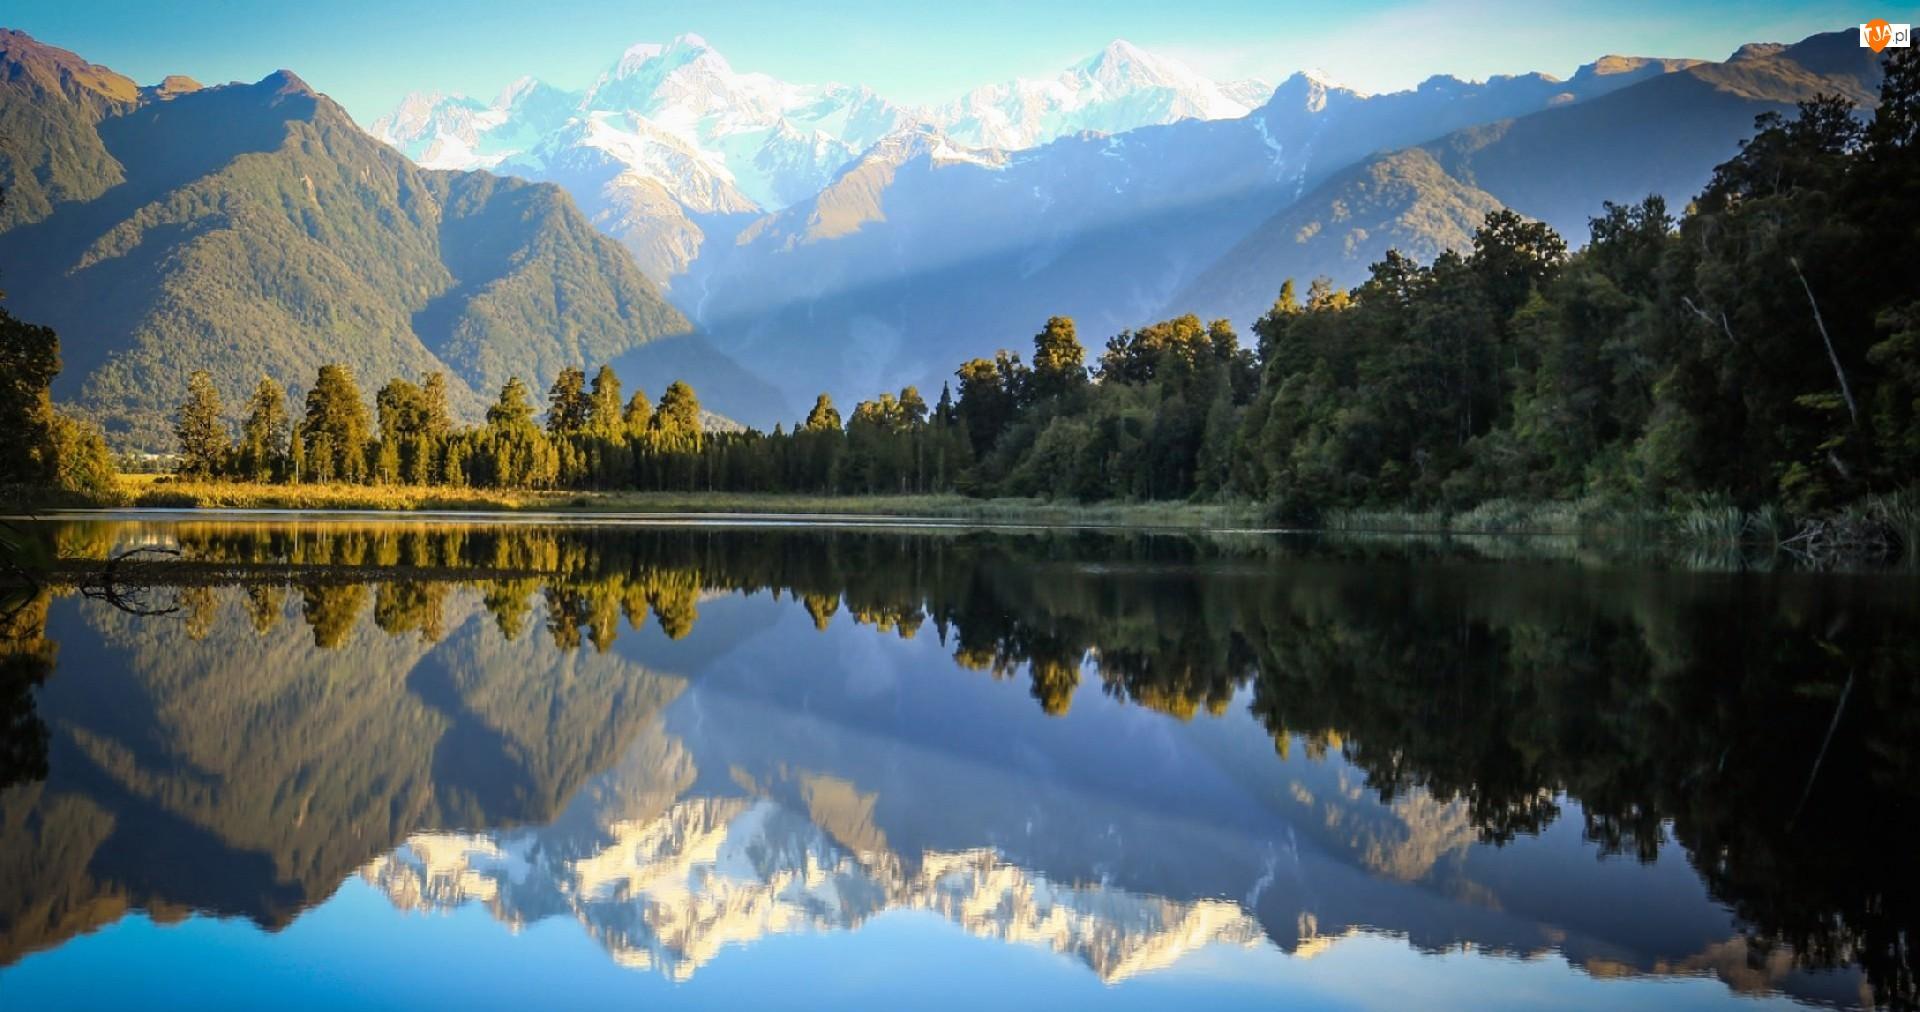 Jezioro, Góry, Lasy